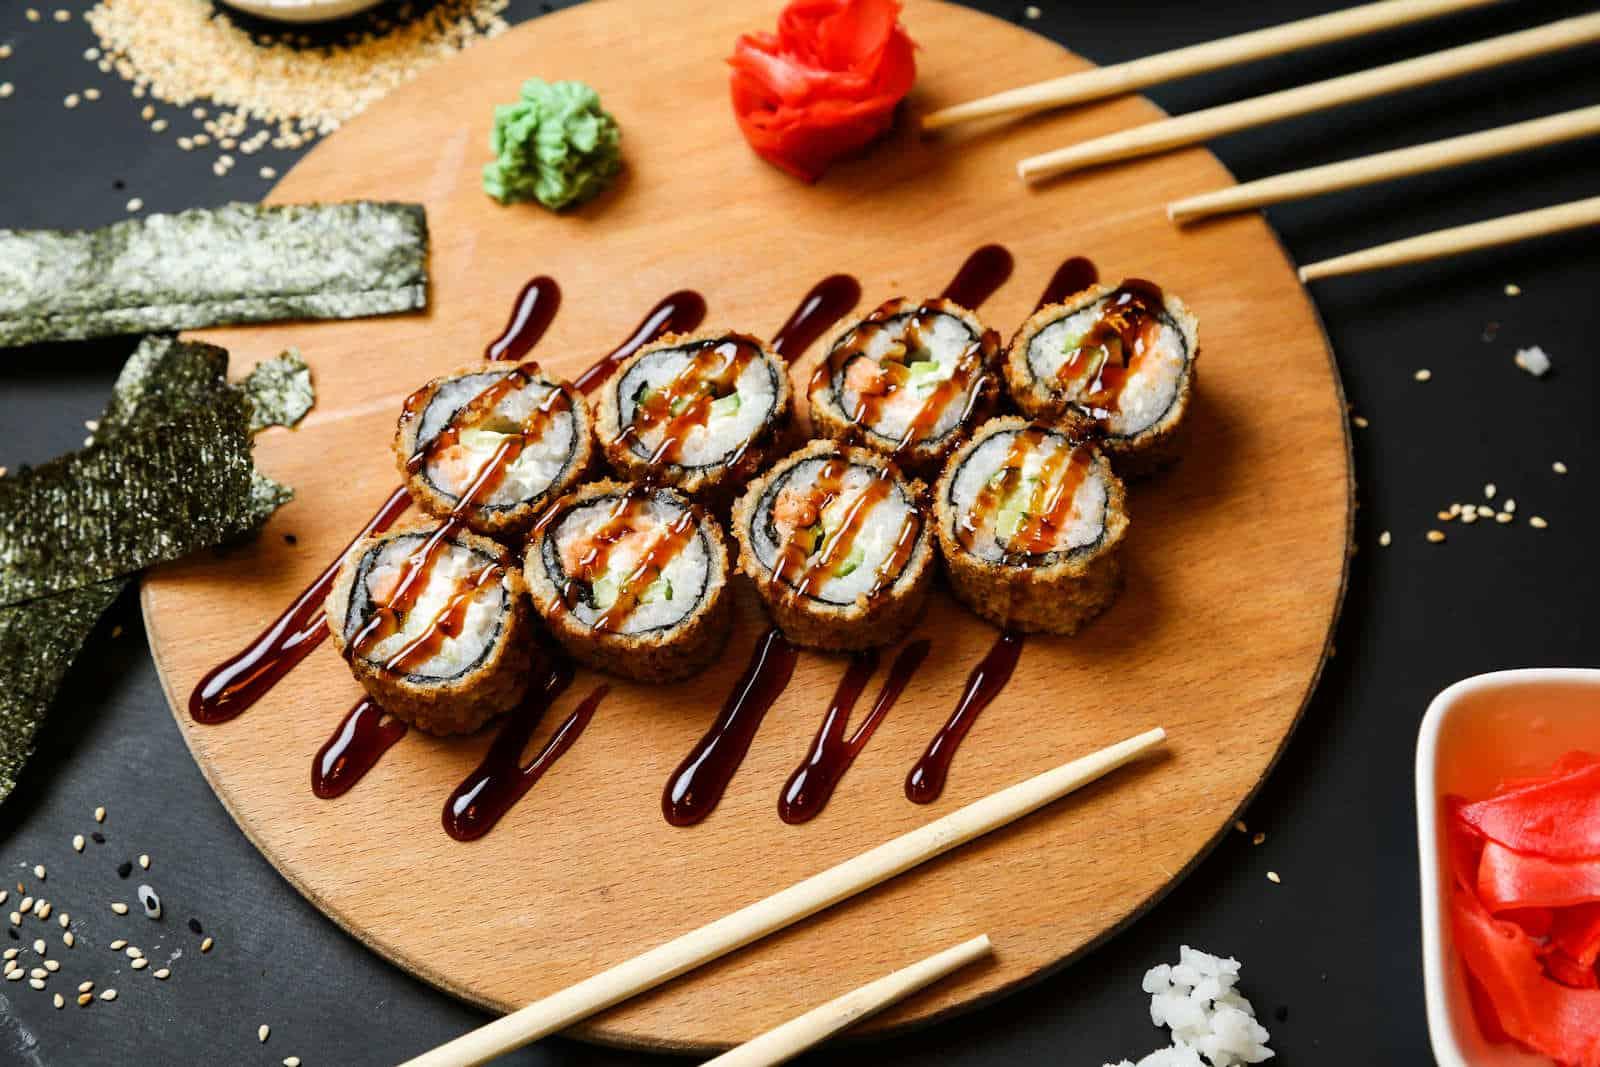 Kizami Sushi of Chicago